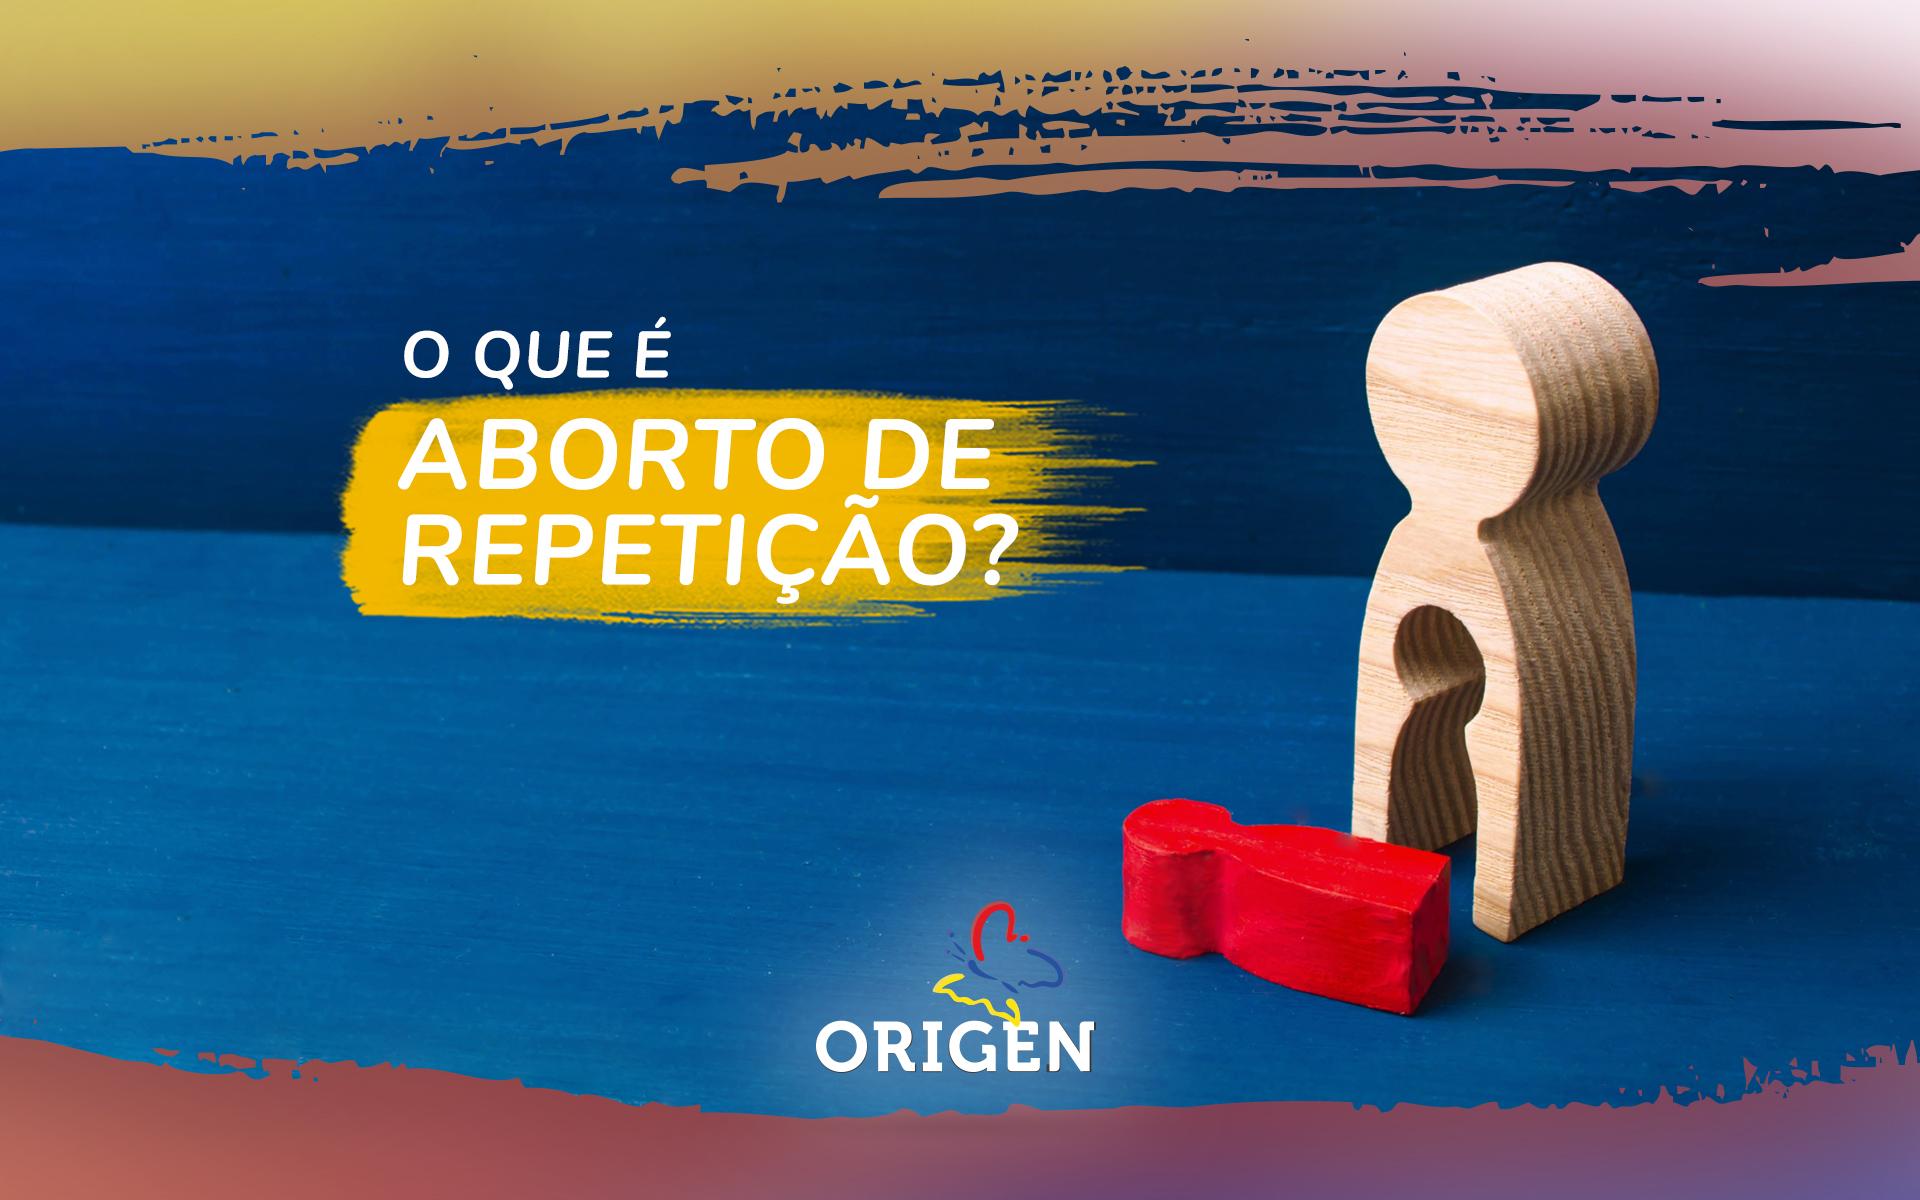 O que é aborto de repetição?